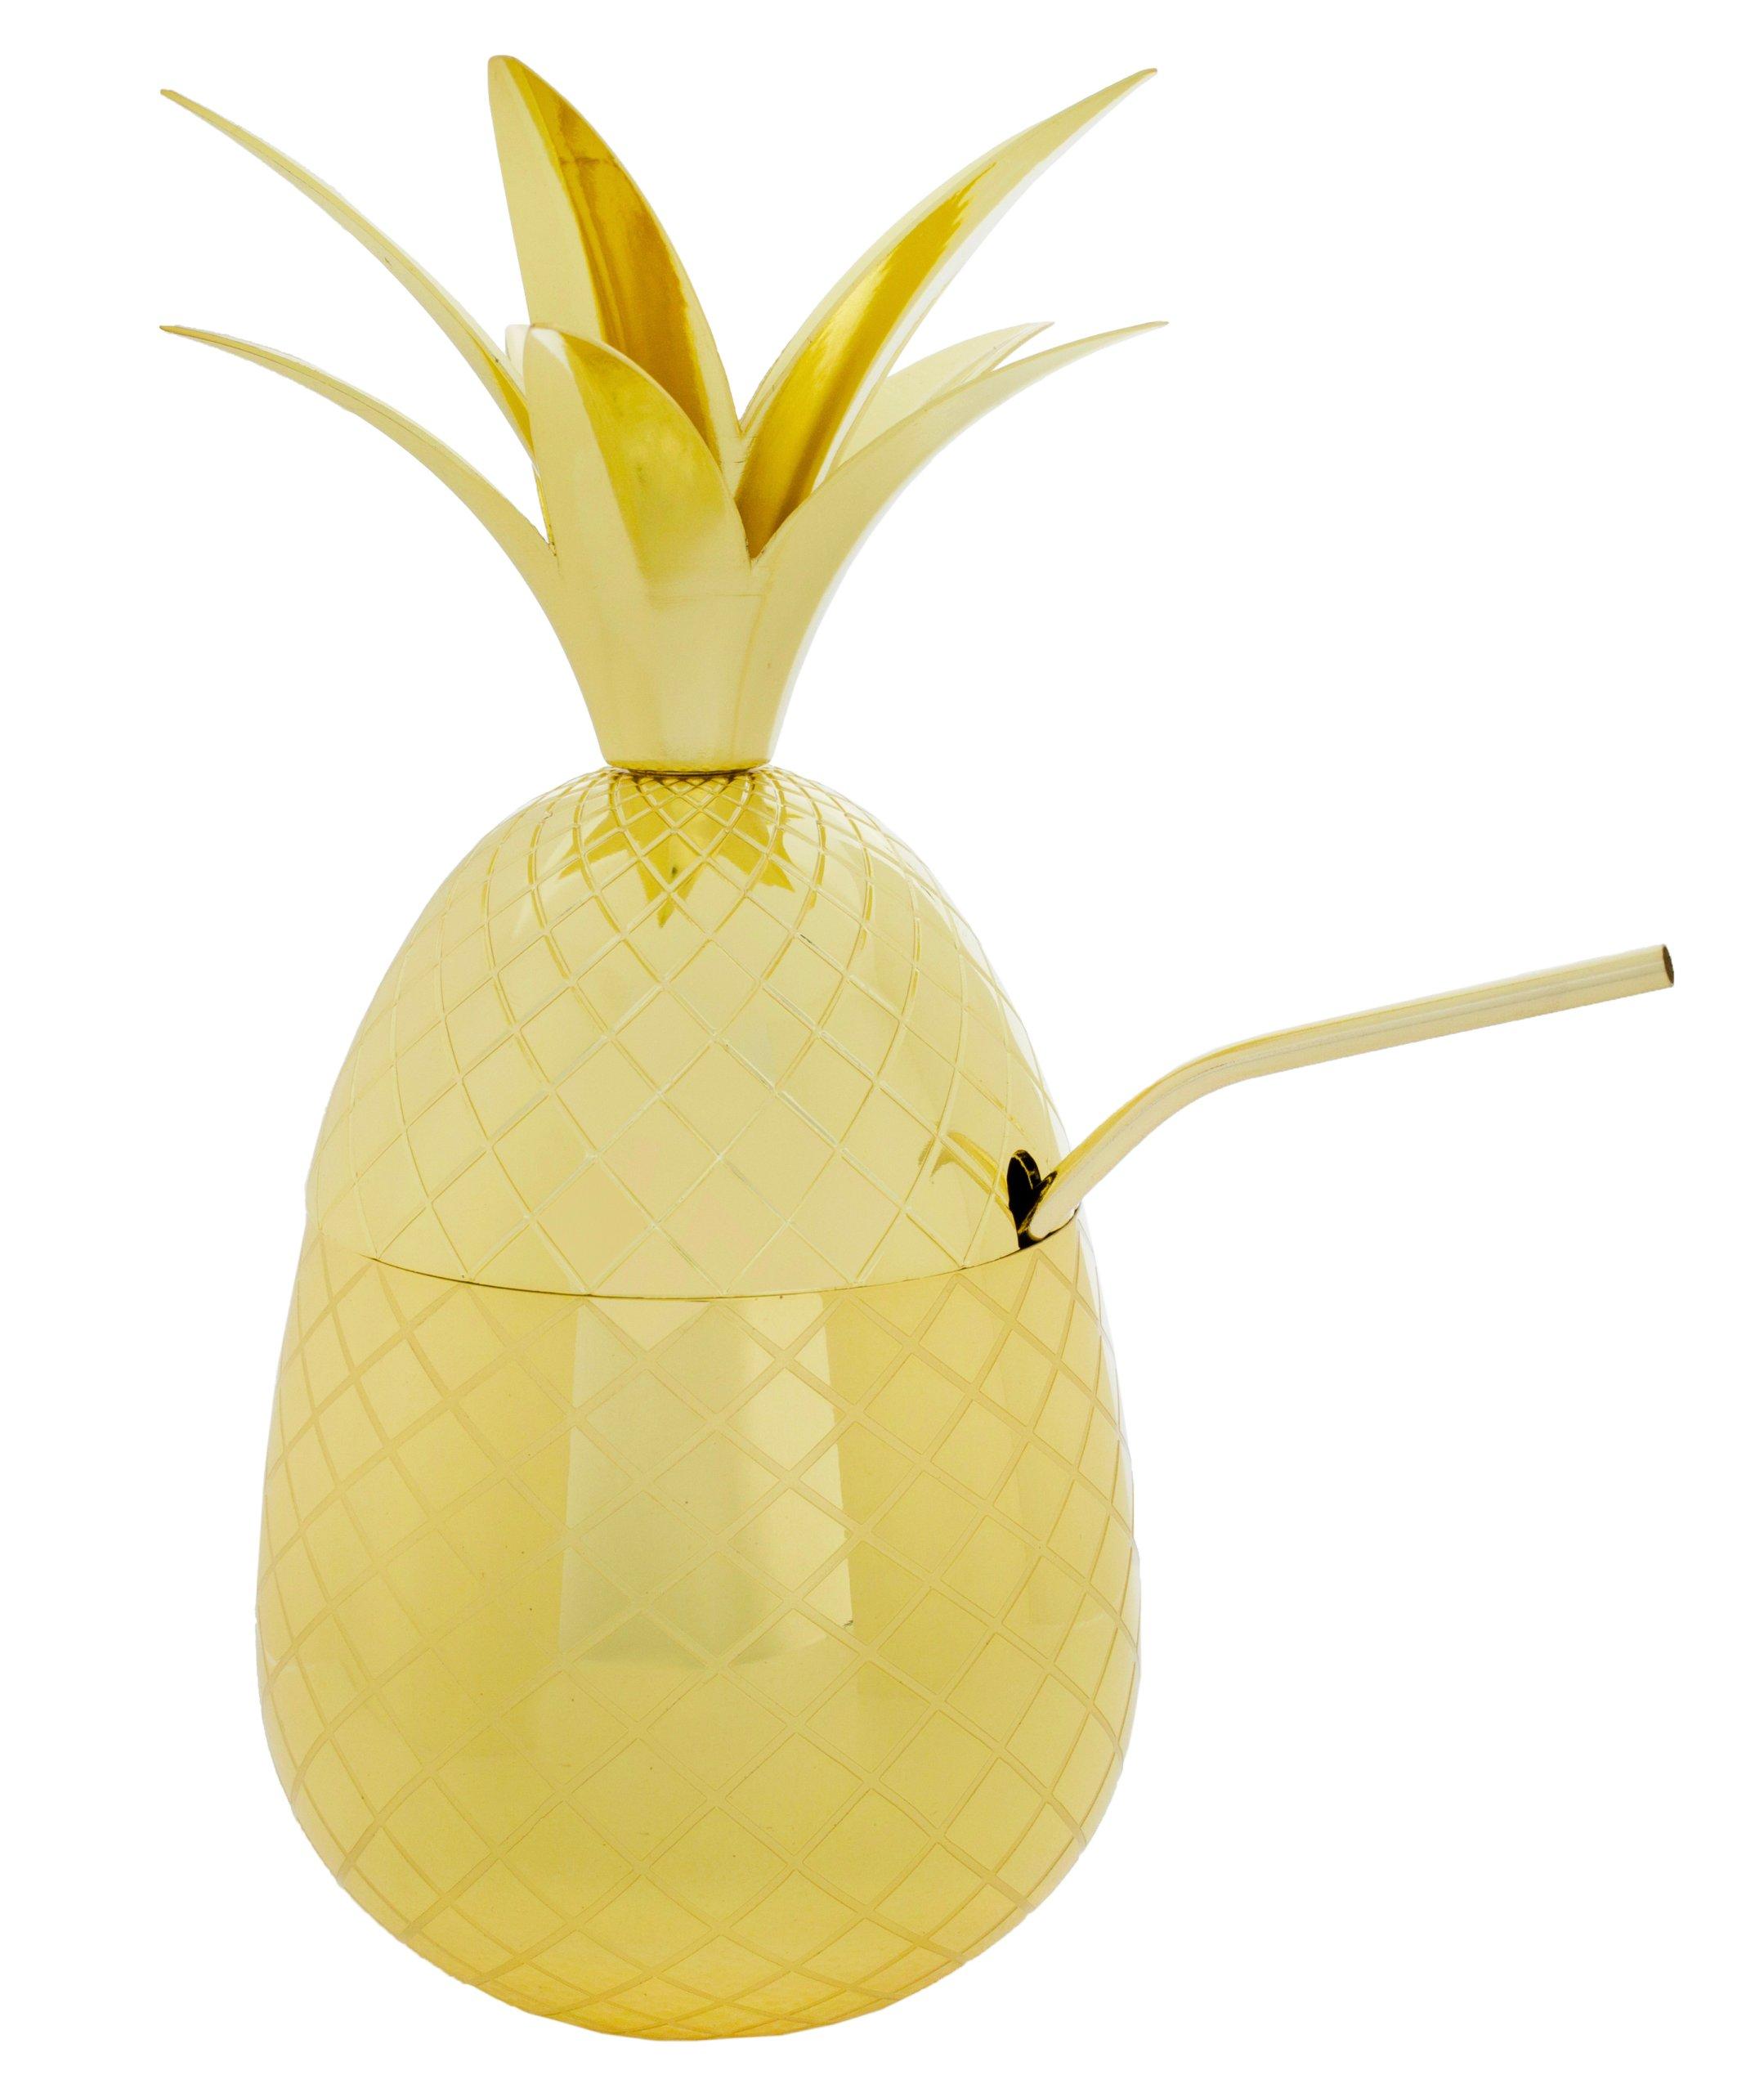 Ananas Rysunek hit ananas metaliczny 900ml pineapple drink -złoty